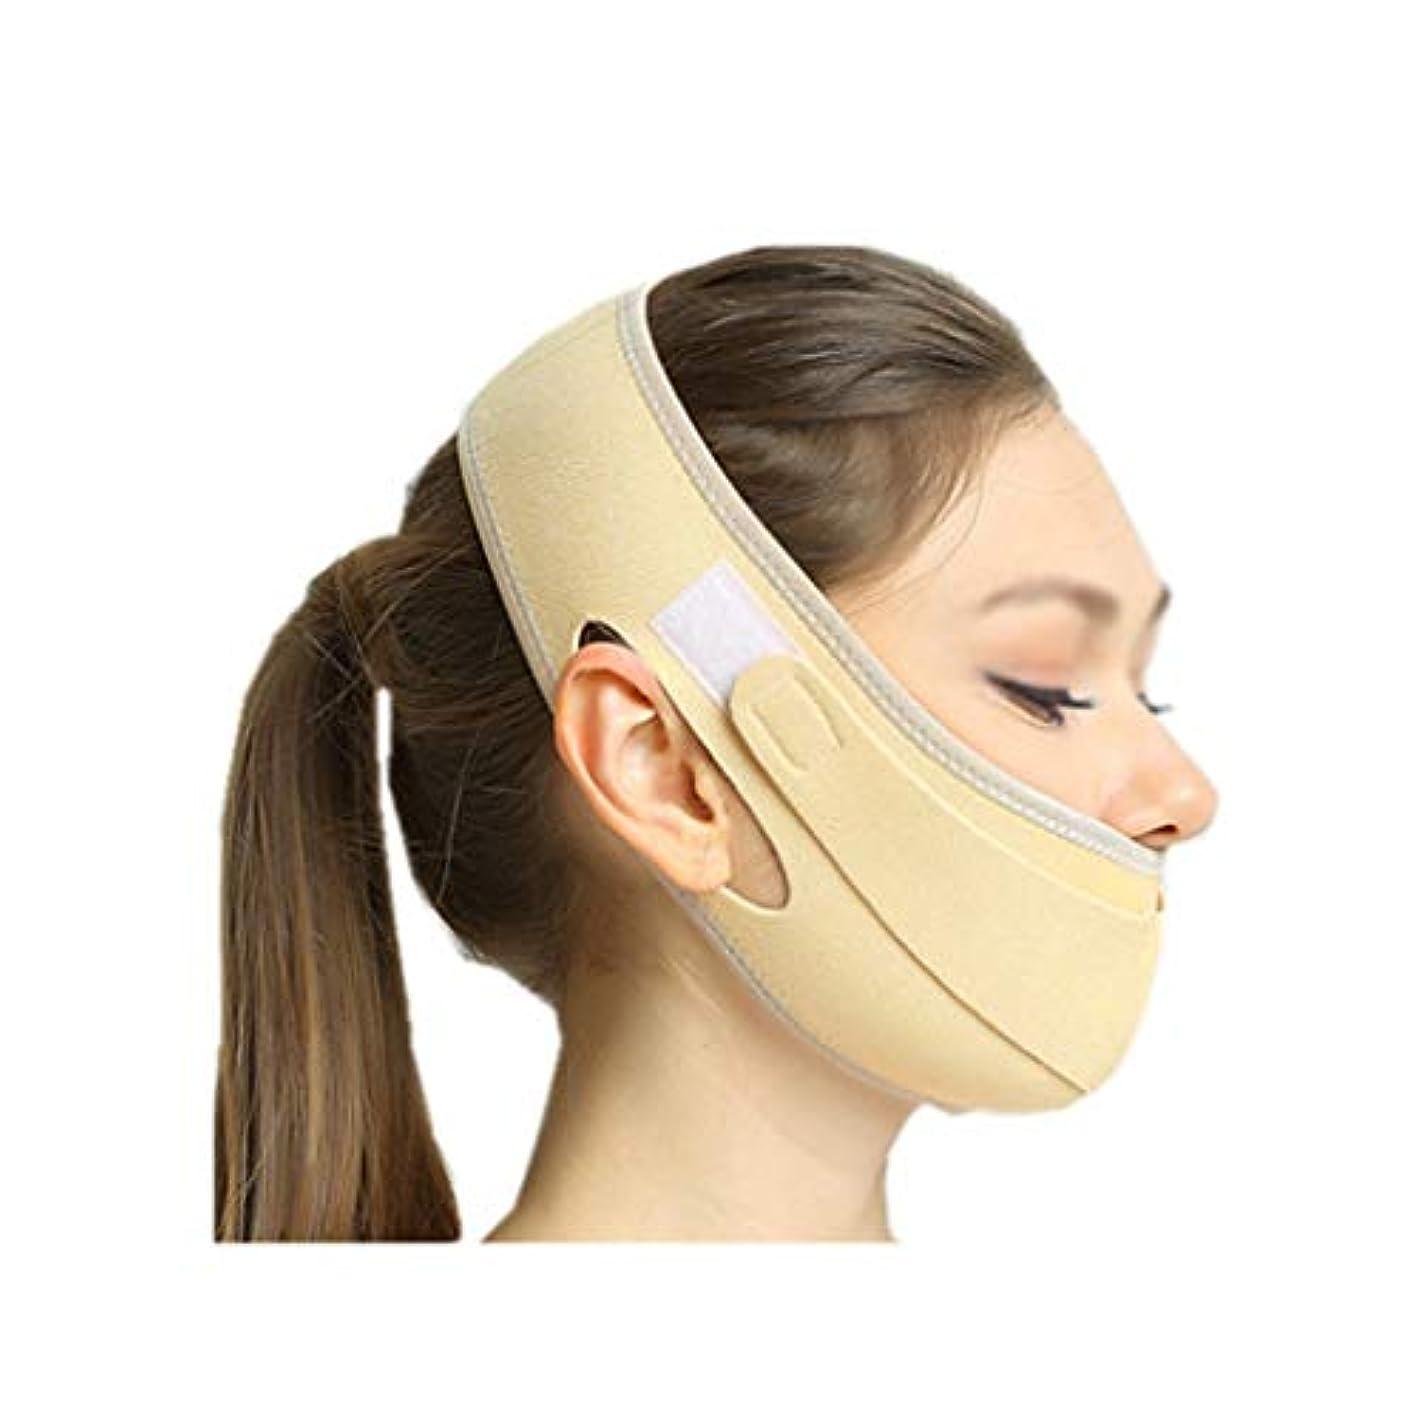 呼吸精査する特定のXHLMRMJ 薄い顔で眠り、ラインカービング後に包帯を復元し、薄いダブルチンがマスクマスクを持ち上げ、2つのスタイルから選択できます (Color : A)